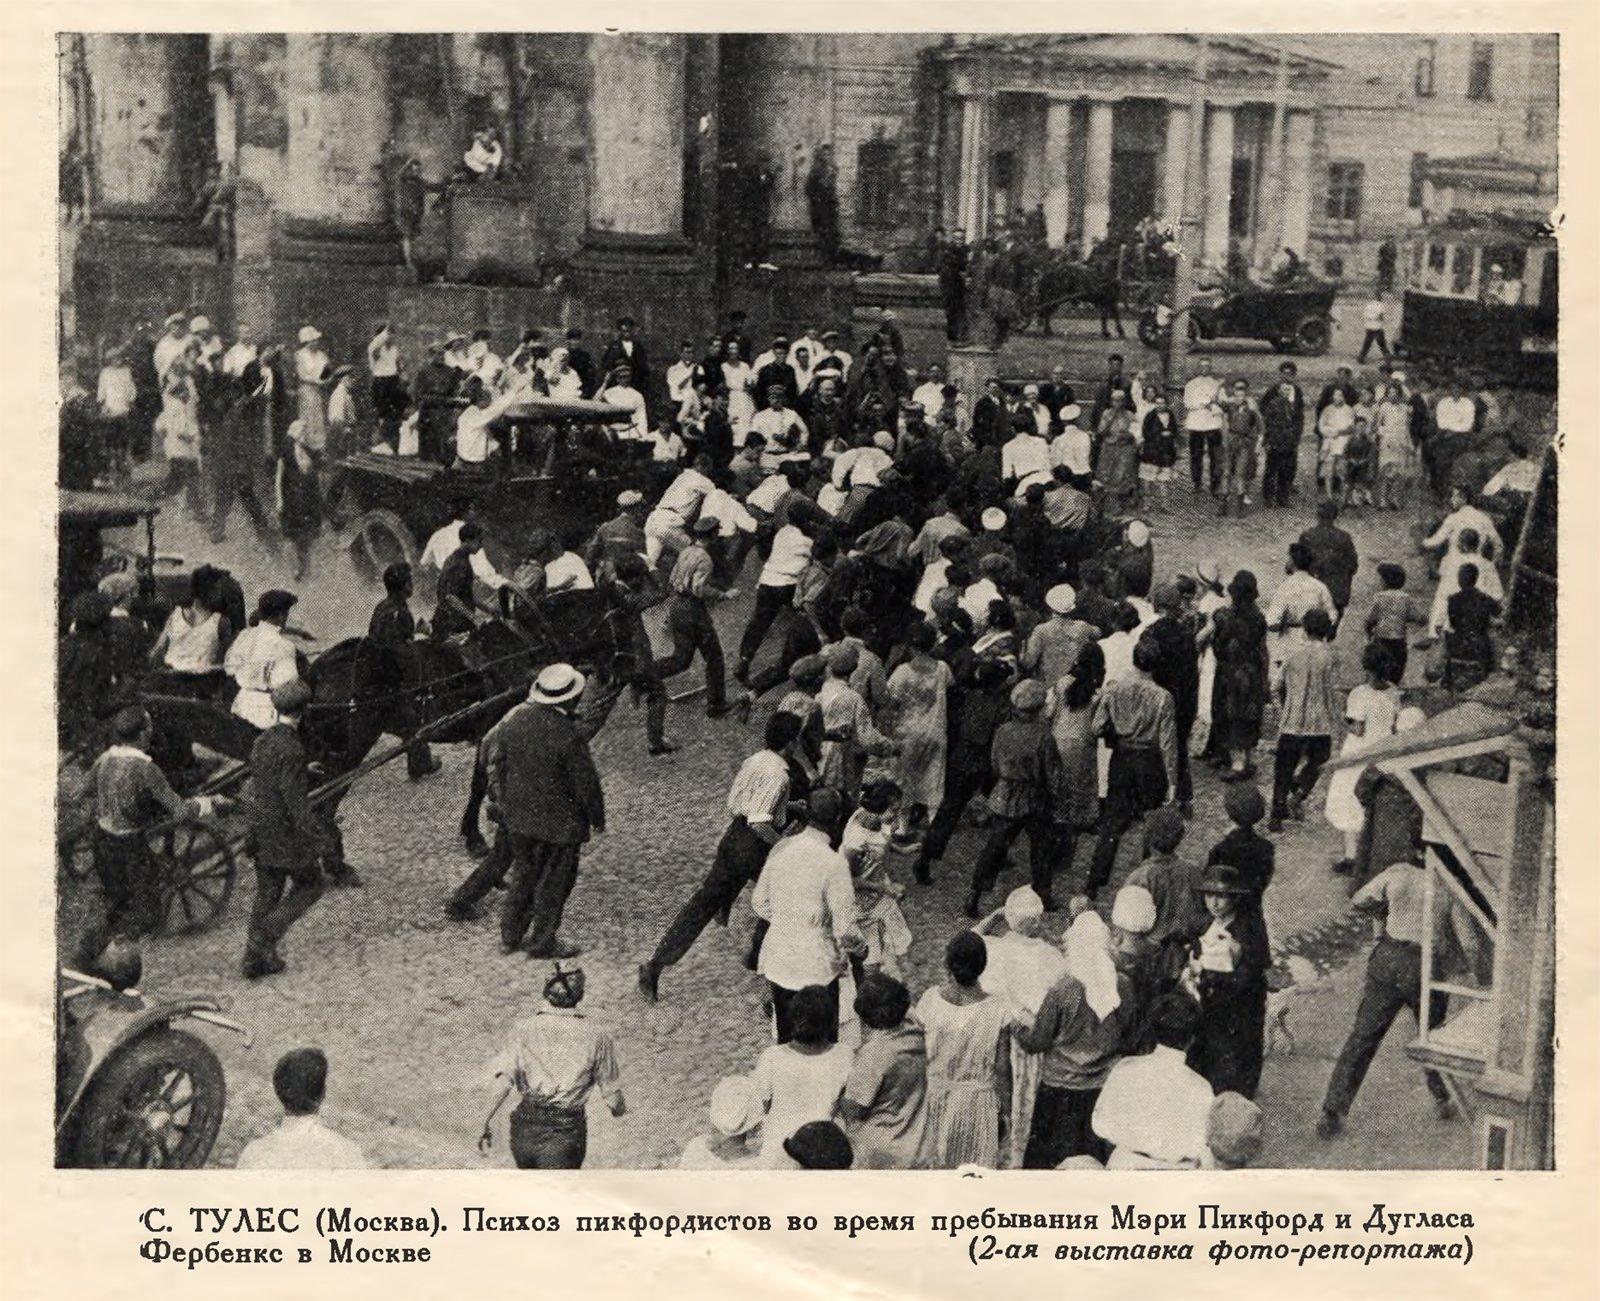 Журнал «Советское фото». №9. 1926 год